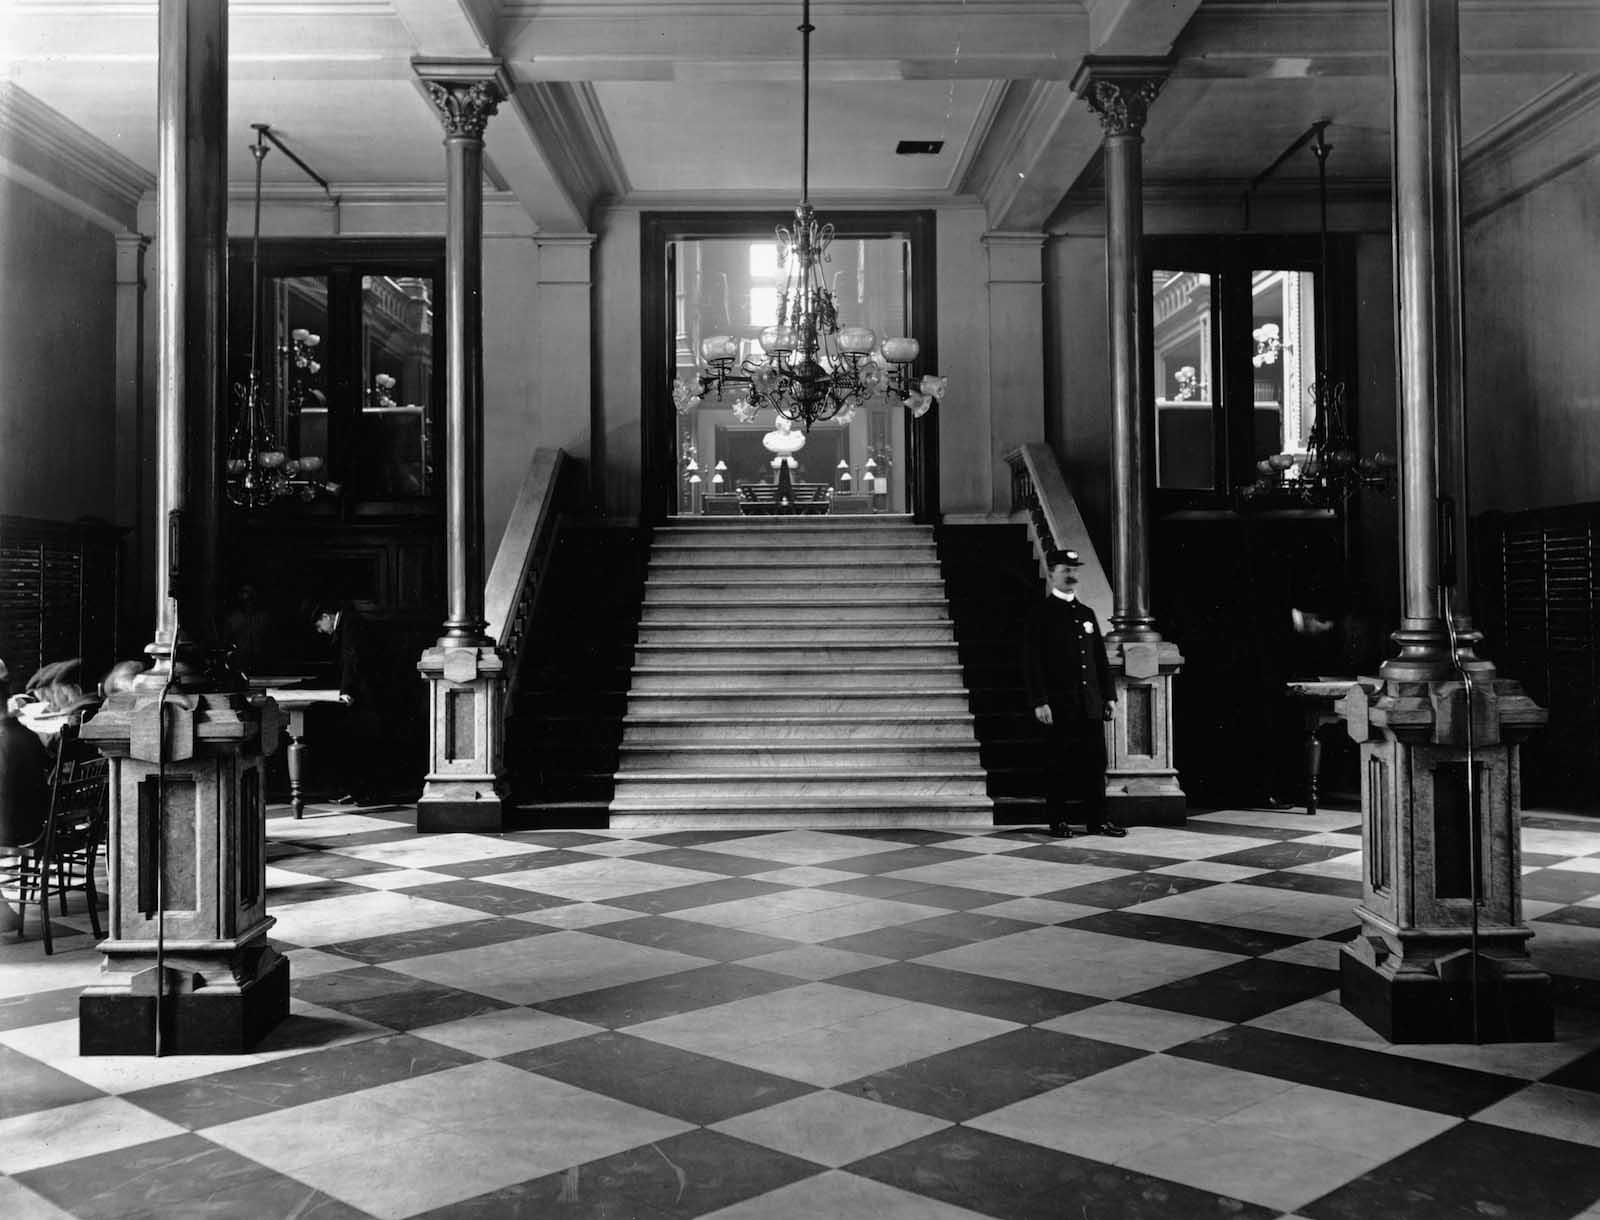 L'ex biblioteca di Cincinnati prima di essere demolita, 1874-1955'Ancien Cincinnati Bibliothèque avant d'être démoli, 1874-1955